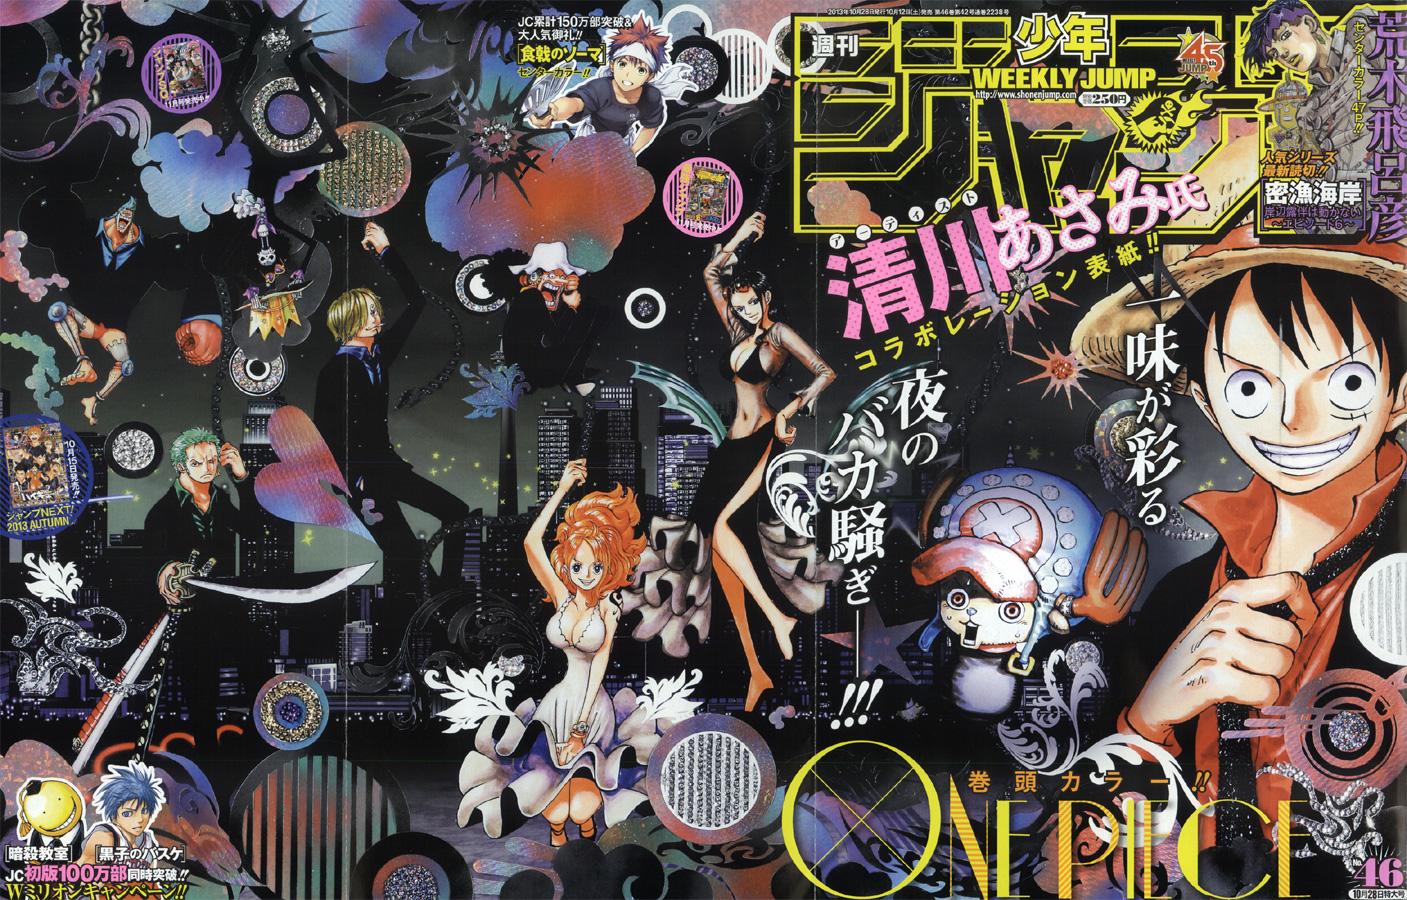 Weekly Shonen Jump TOC Ausgabe 46/2013 von Shueisha